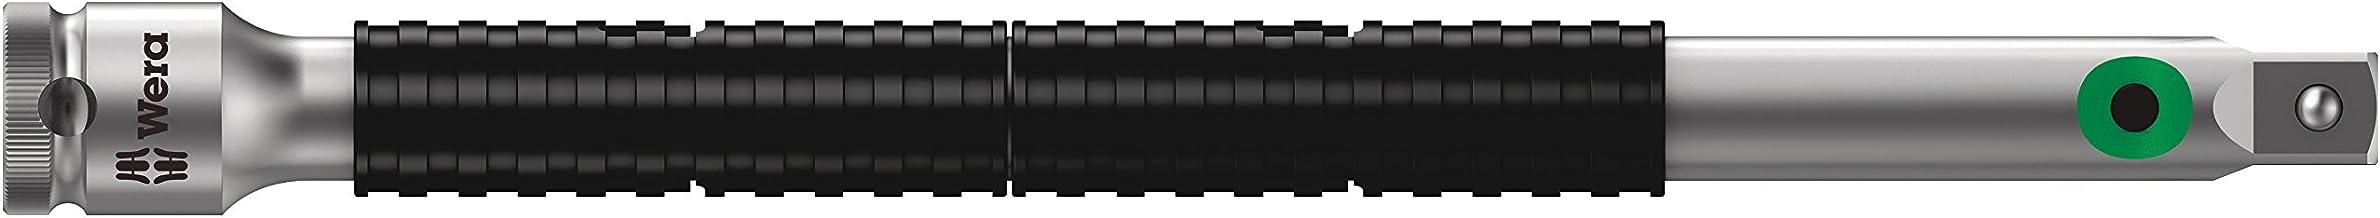 Wera 003531 Zyklop 8796 LA przedłużacz elastyczny zamek 1/4-cala 150 mm